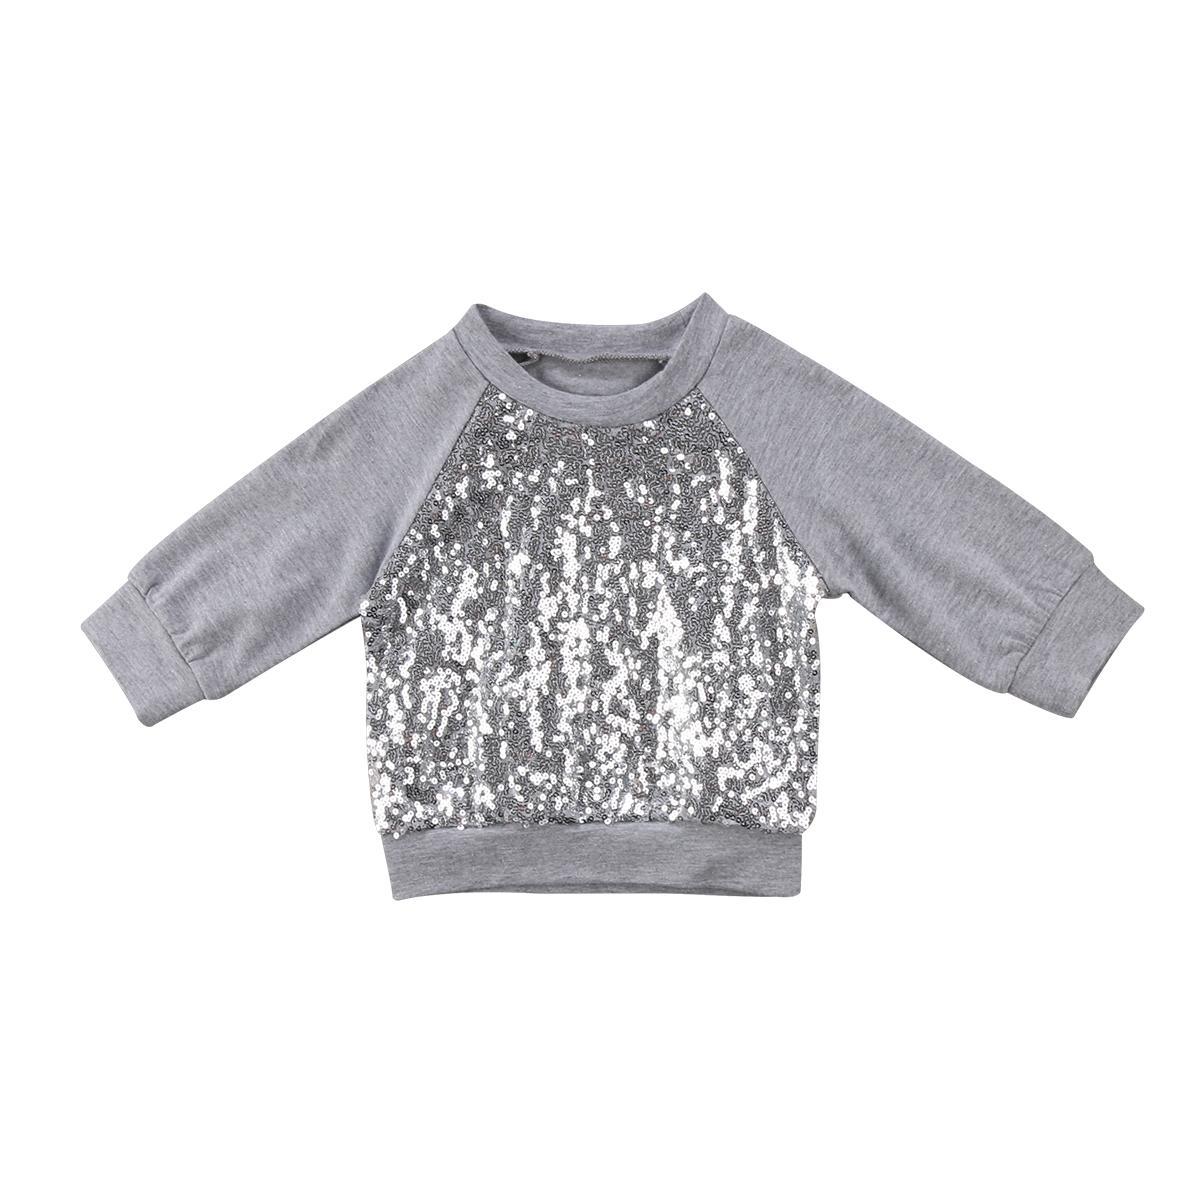 Moda Família Combinando Roupas Mulheres Bebê Recém-nascido Roupas de Menina Top De Lantejoulas Manga Longa Quente Top T-shirt Hoodies Roupas